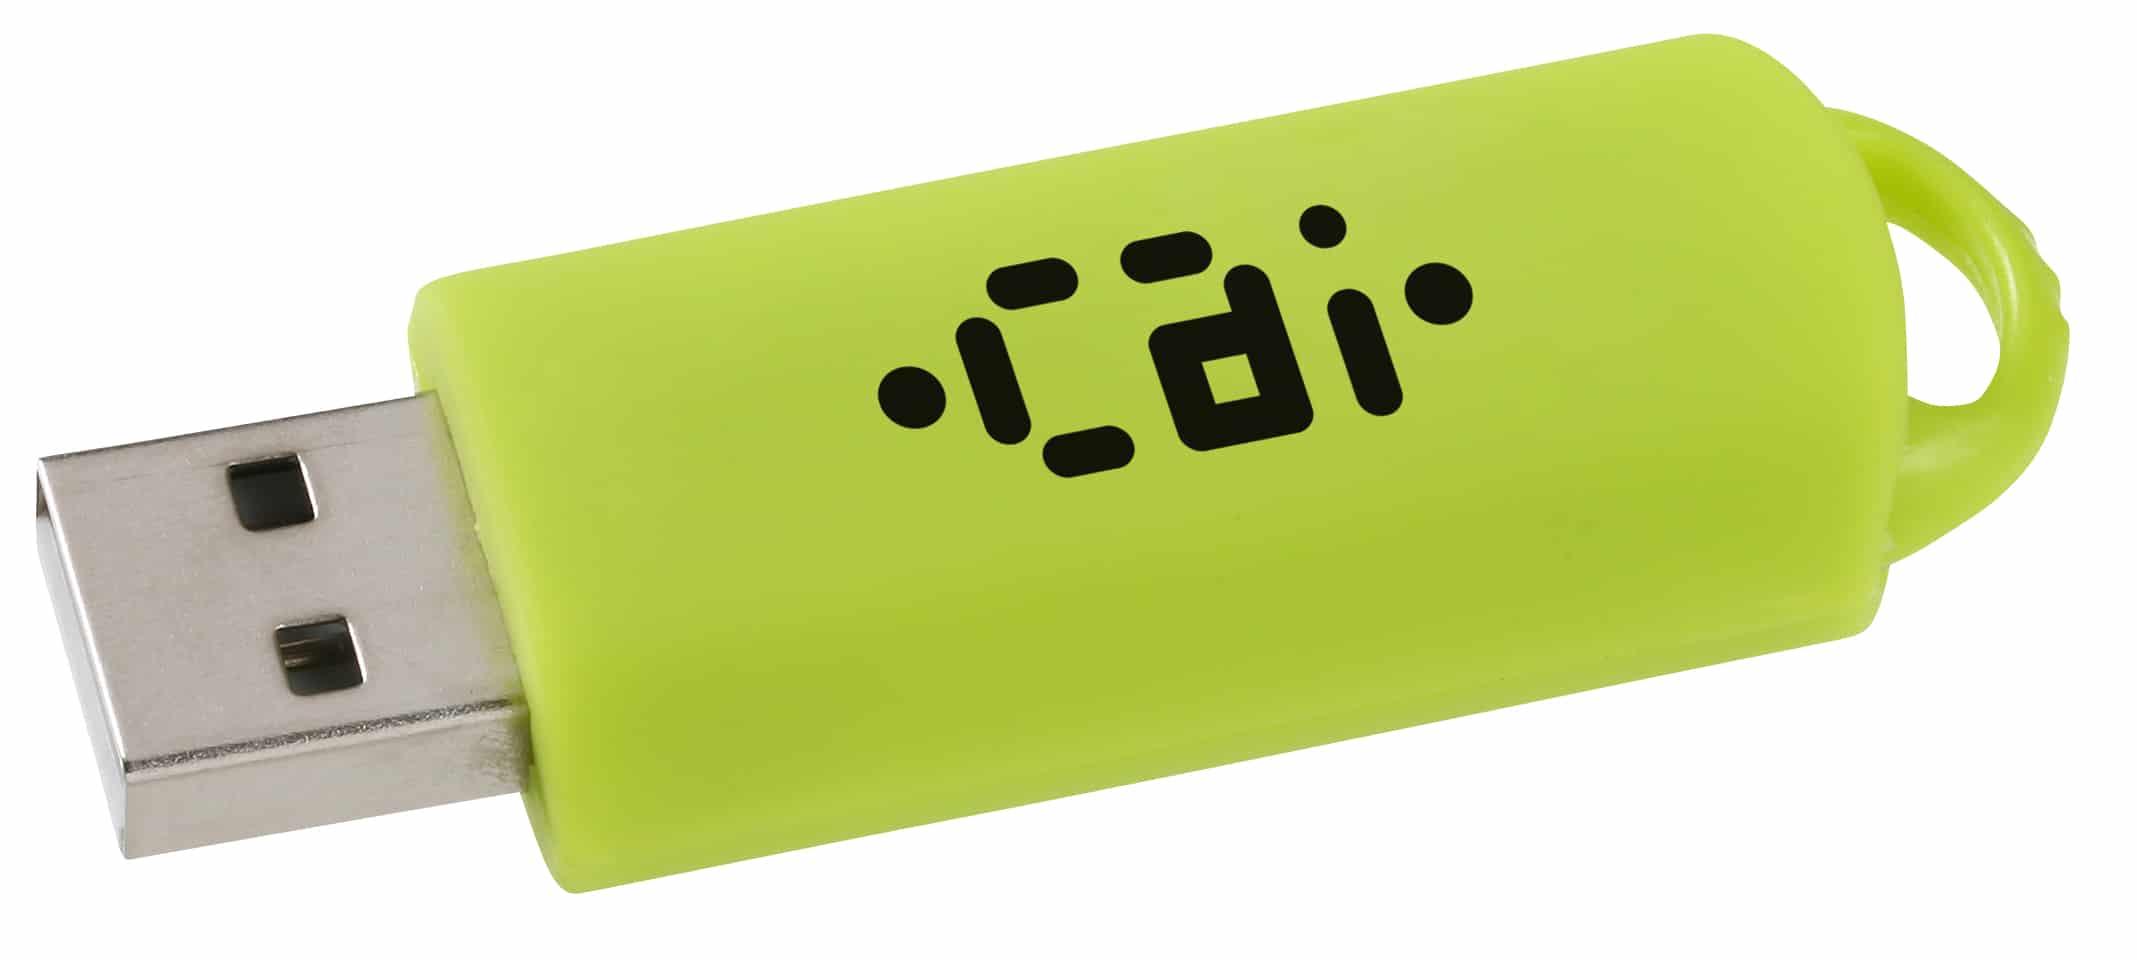 A 128 MB Clicker USB Drive.